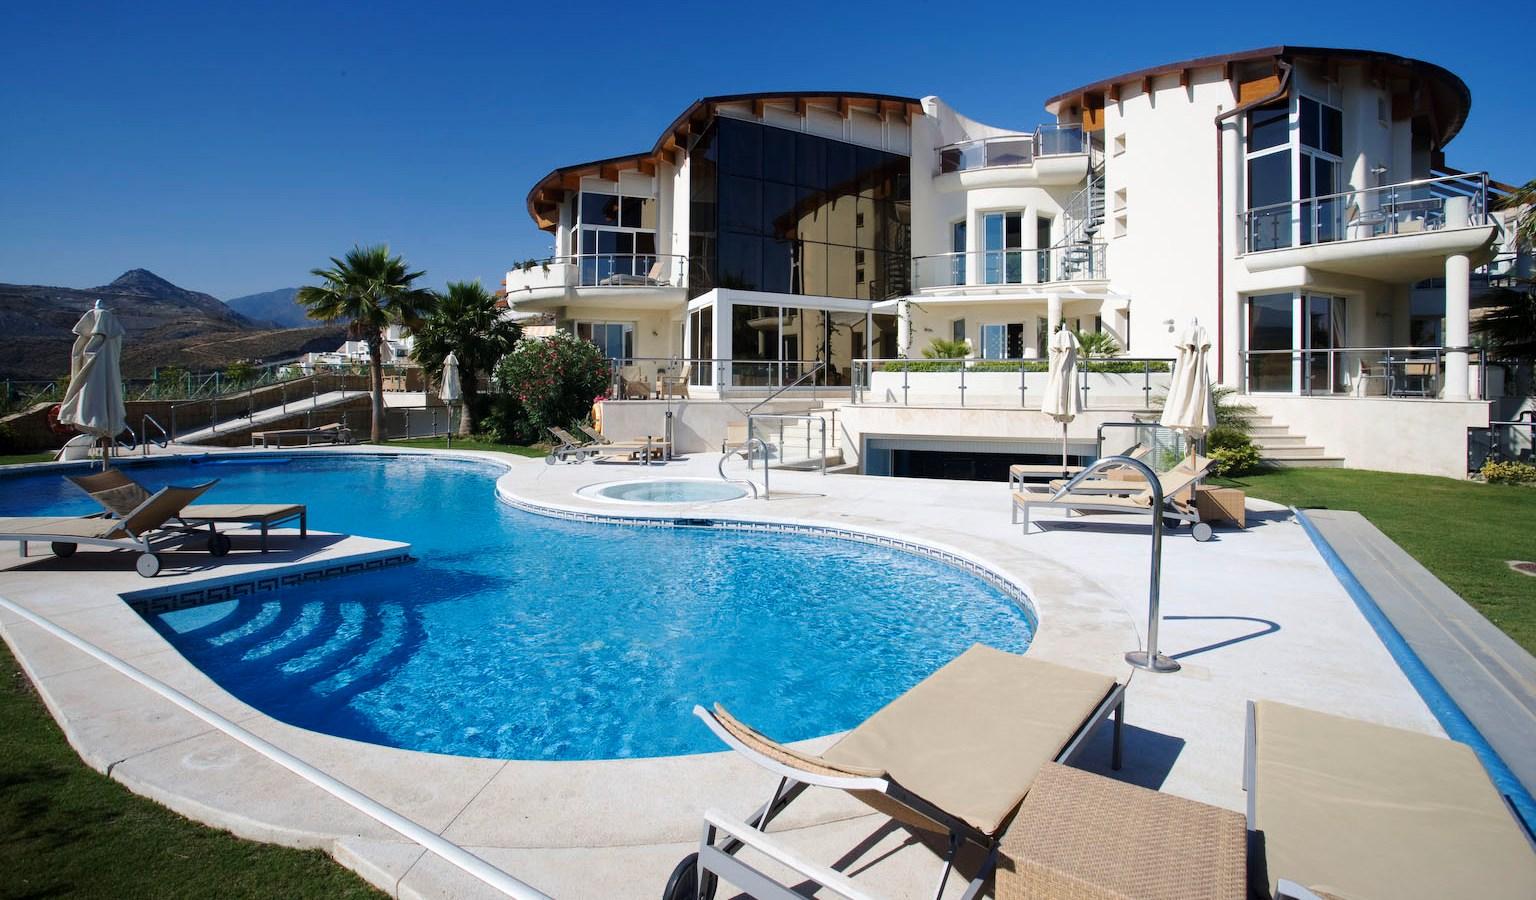 Casas lujo marbella casa de dormitorios en marbella - Casas de lujo en marbella ...